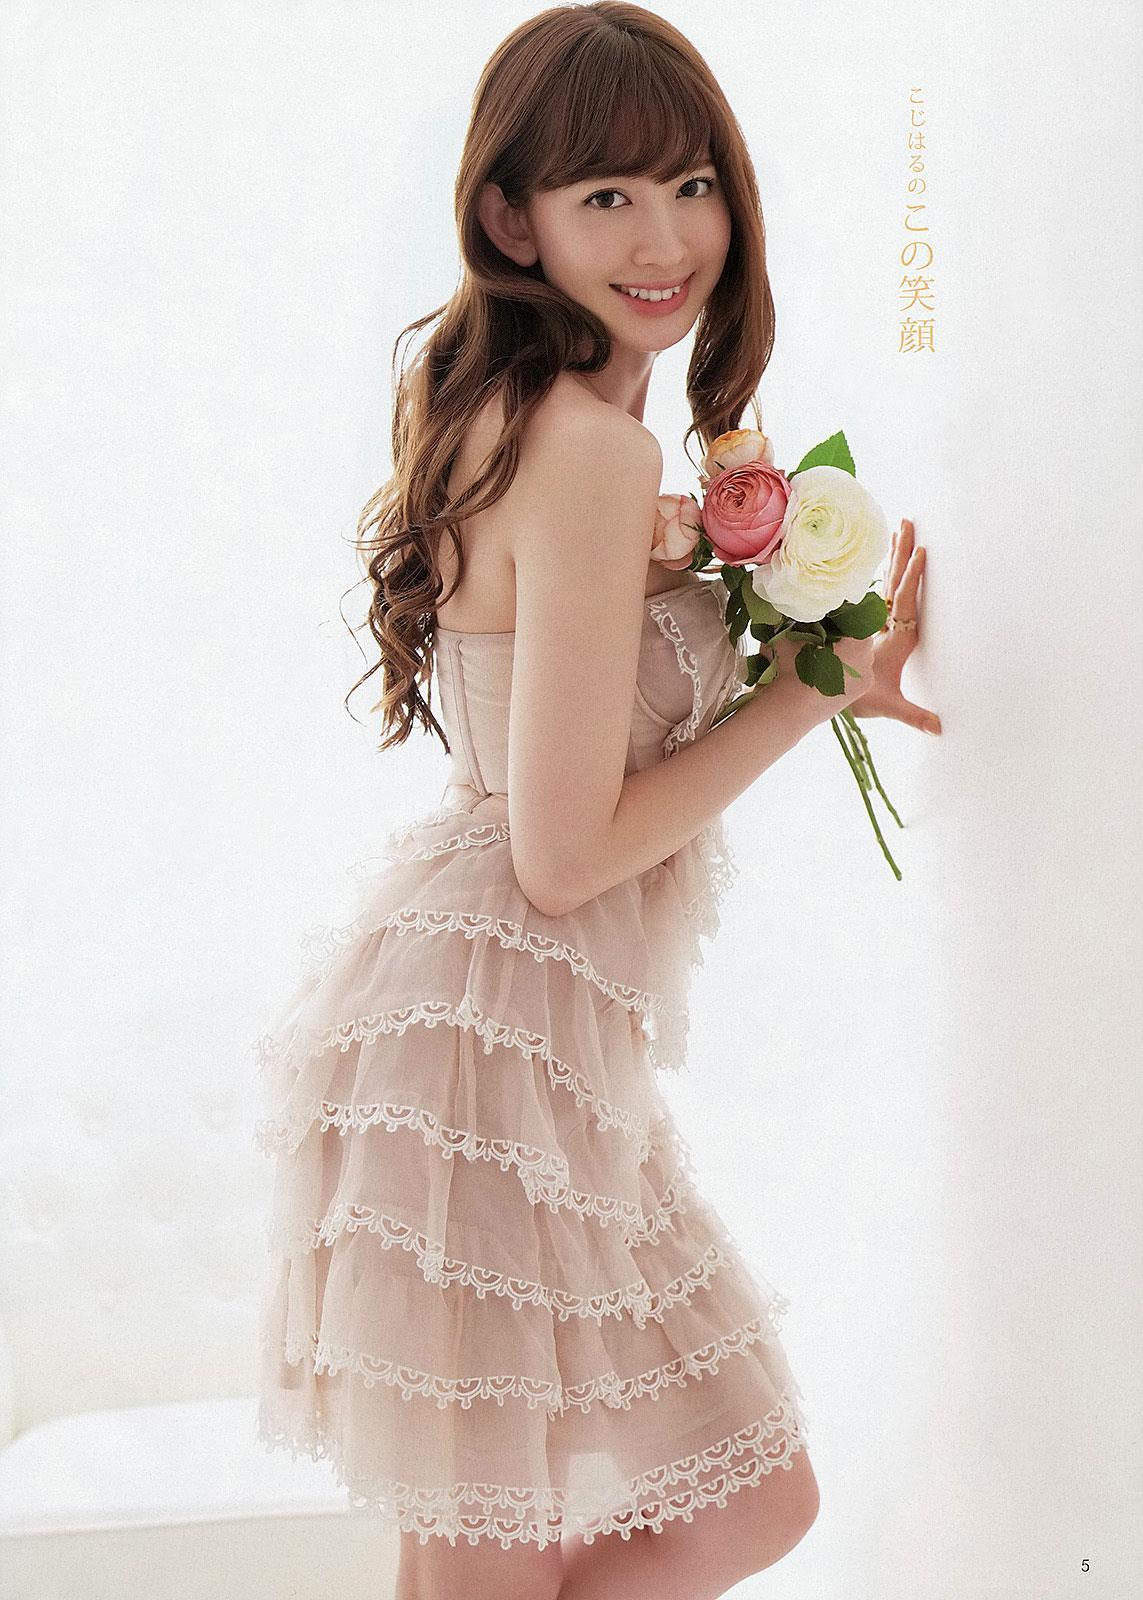 小嶋陽菜 水着画像 5